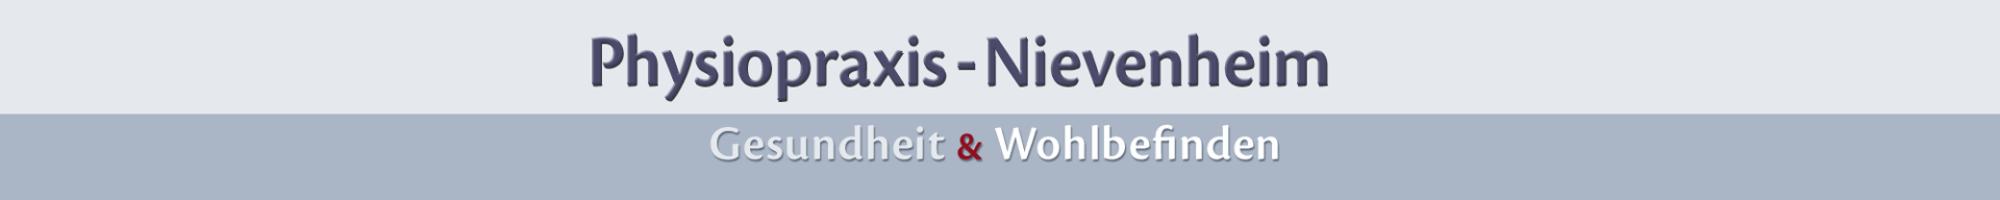 Physiopraxis-Nievenheim